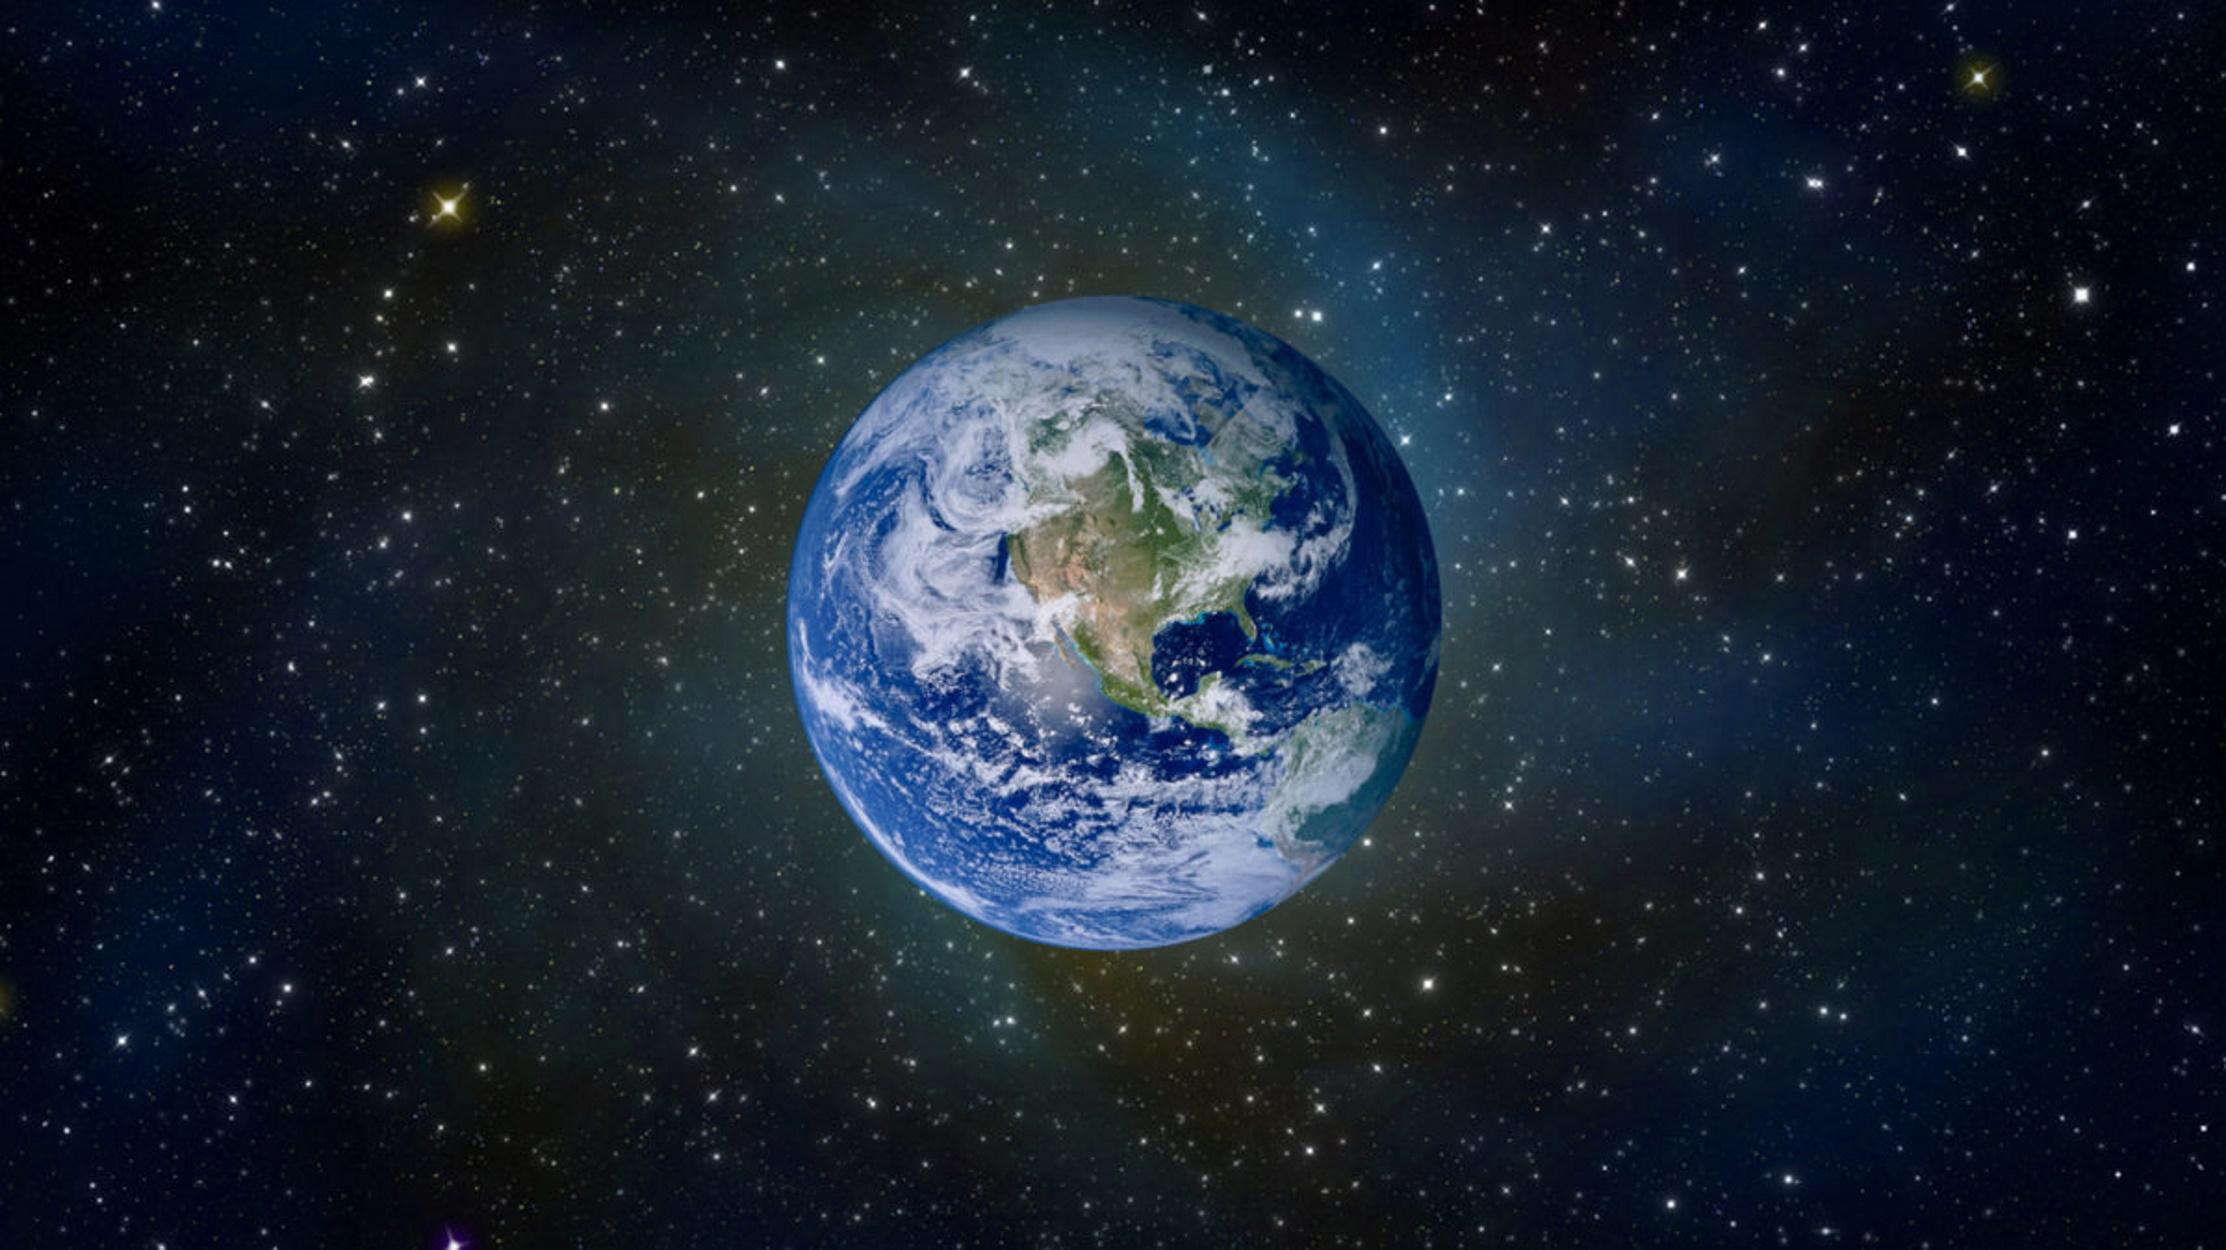 Το ΑΠΘ στη διεθνή ομάδα επιστημόνων που… έσωσε τη Γη από τον αστεροειδή «Άποφι»